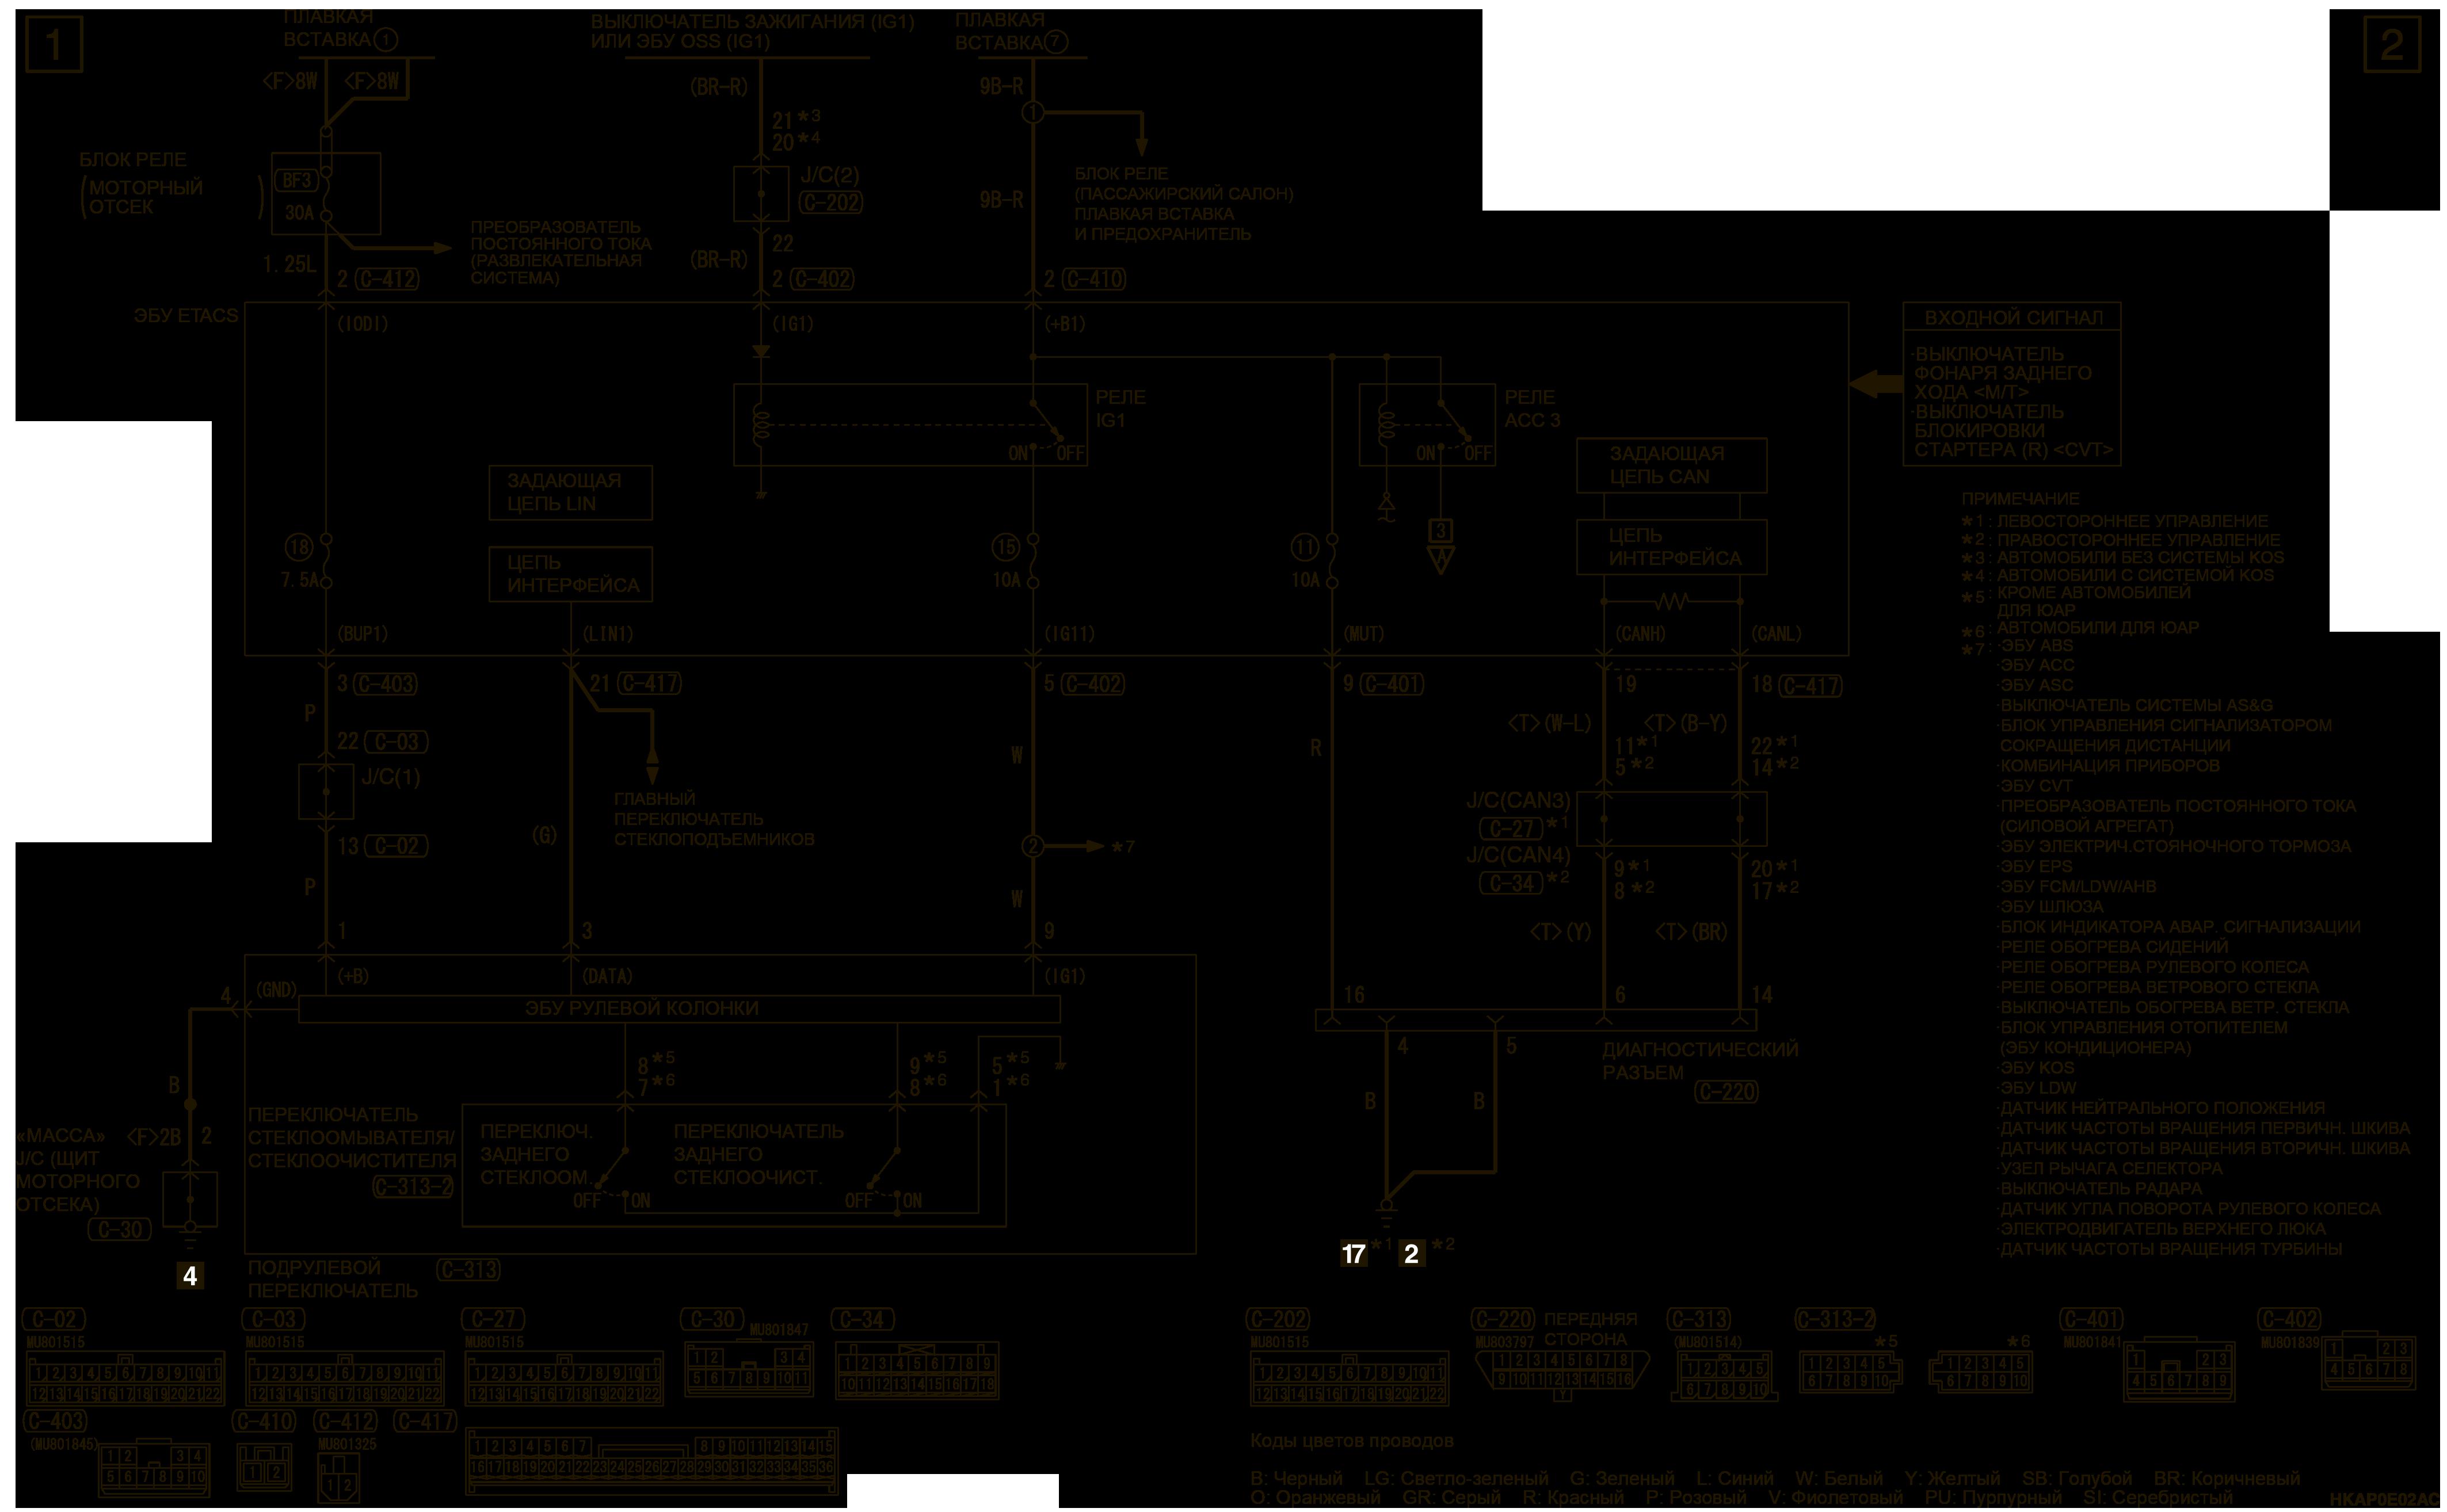 mmc аутлендер 3 2019 электросхемаЗАДНИЙ СТЕКЛООЧИСТИТЕЛЬ И ОМЫВАТЕЛЬ